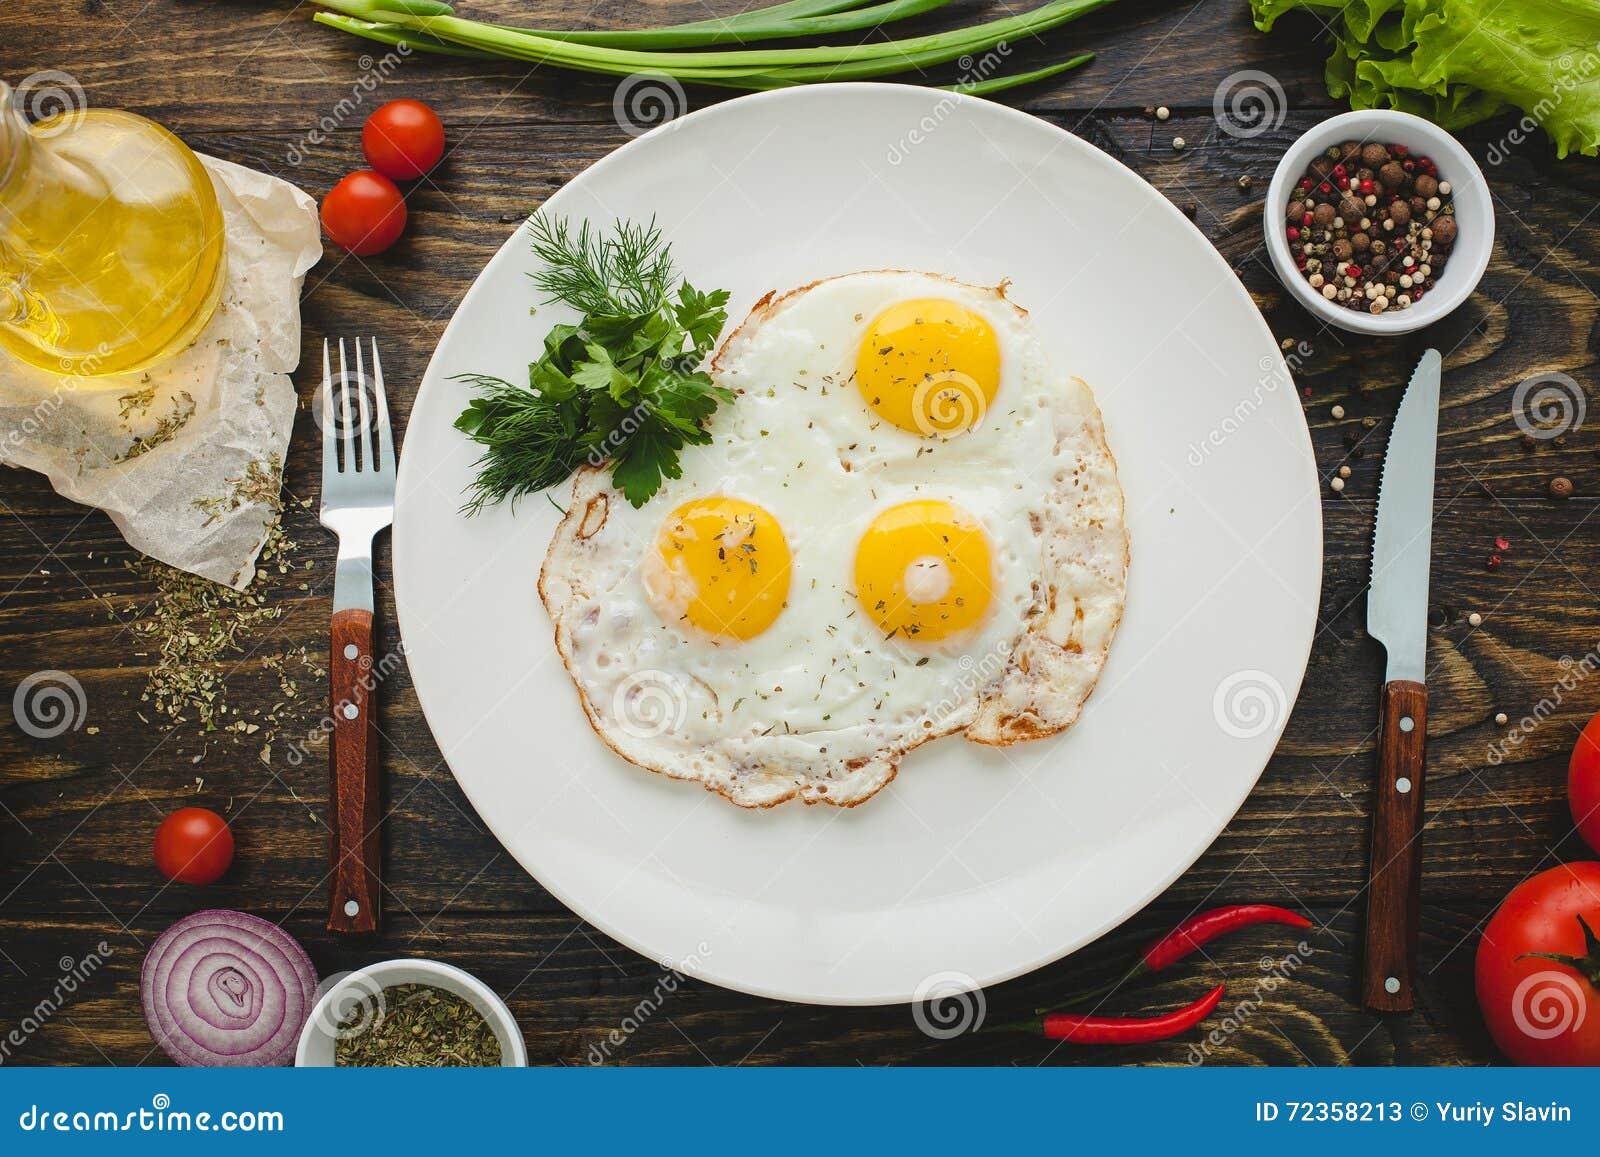 背景怂恿煎蛋卷加扰的白色